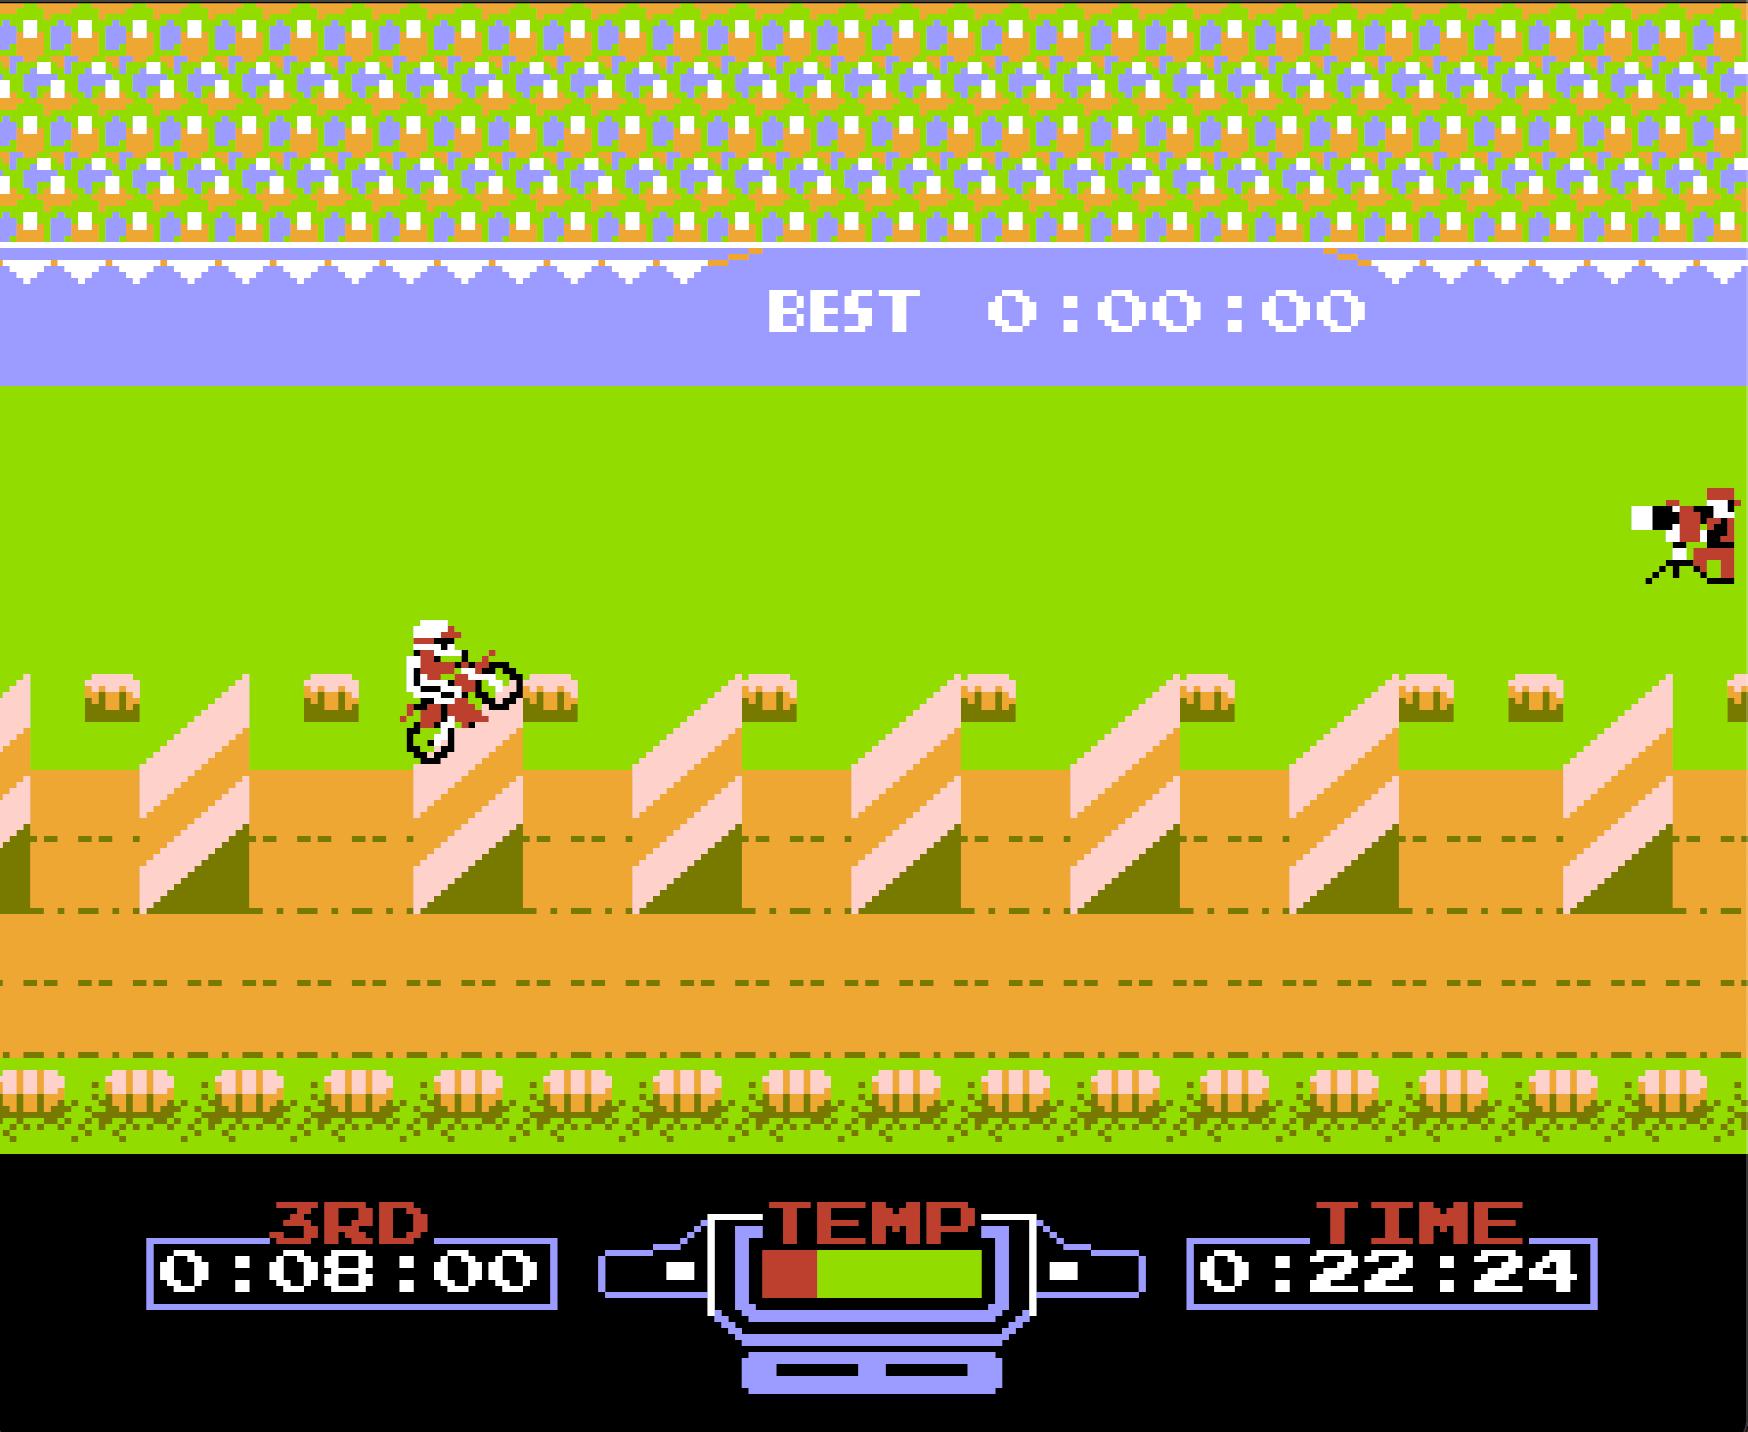 ファミコン用バイクゲーム『エキサイトバイク』が生まれた時代背景、バイクが子どもたちの身近にあった80年代の思い出の画像009